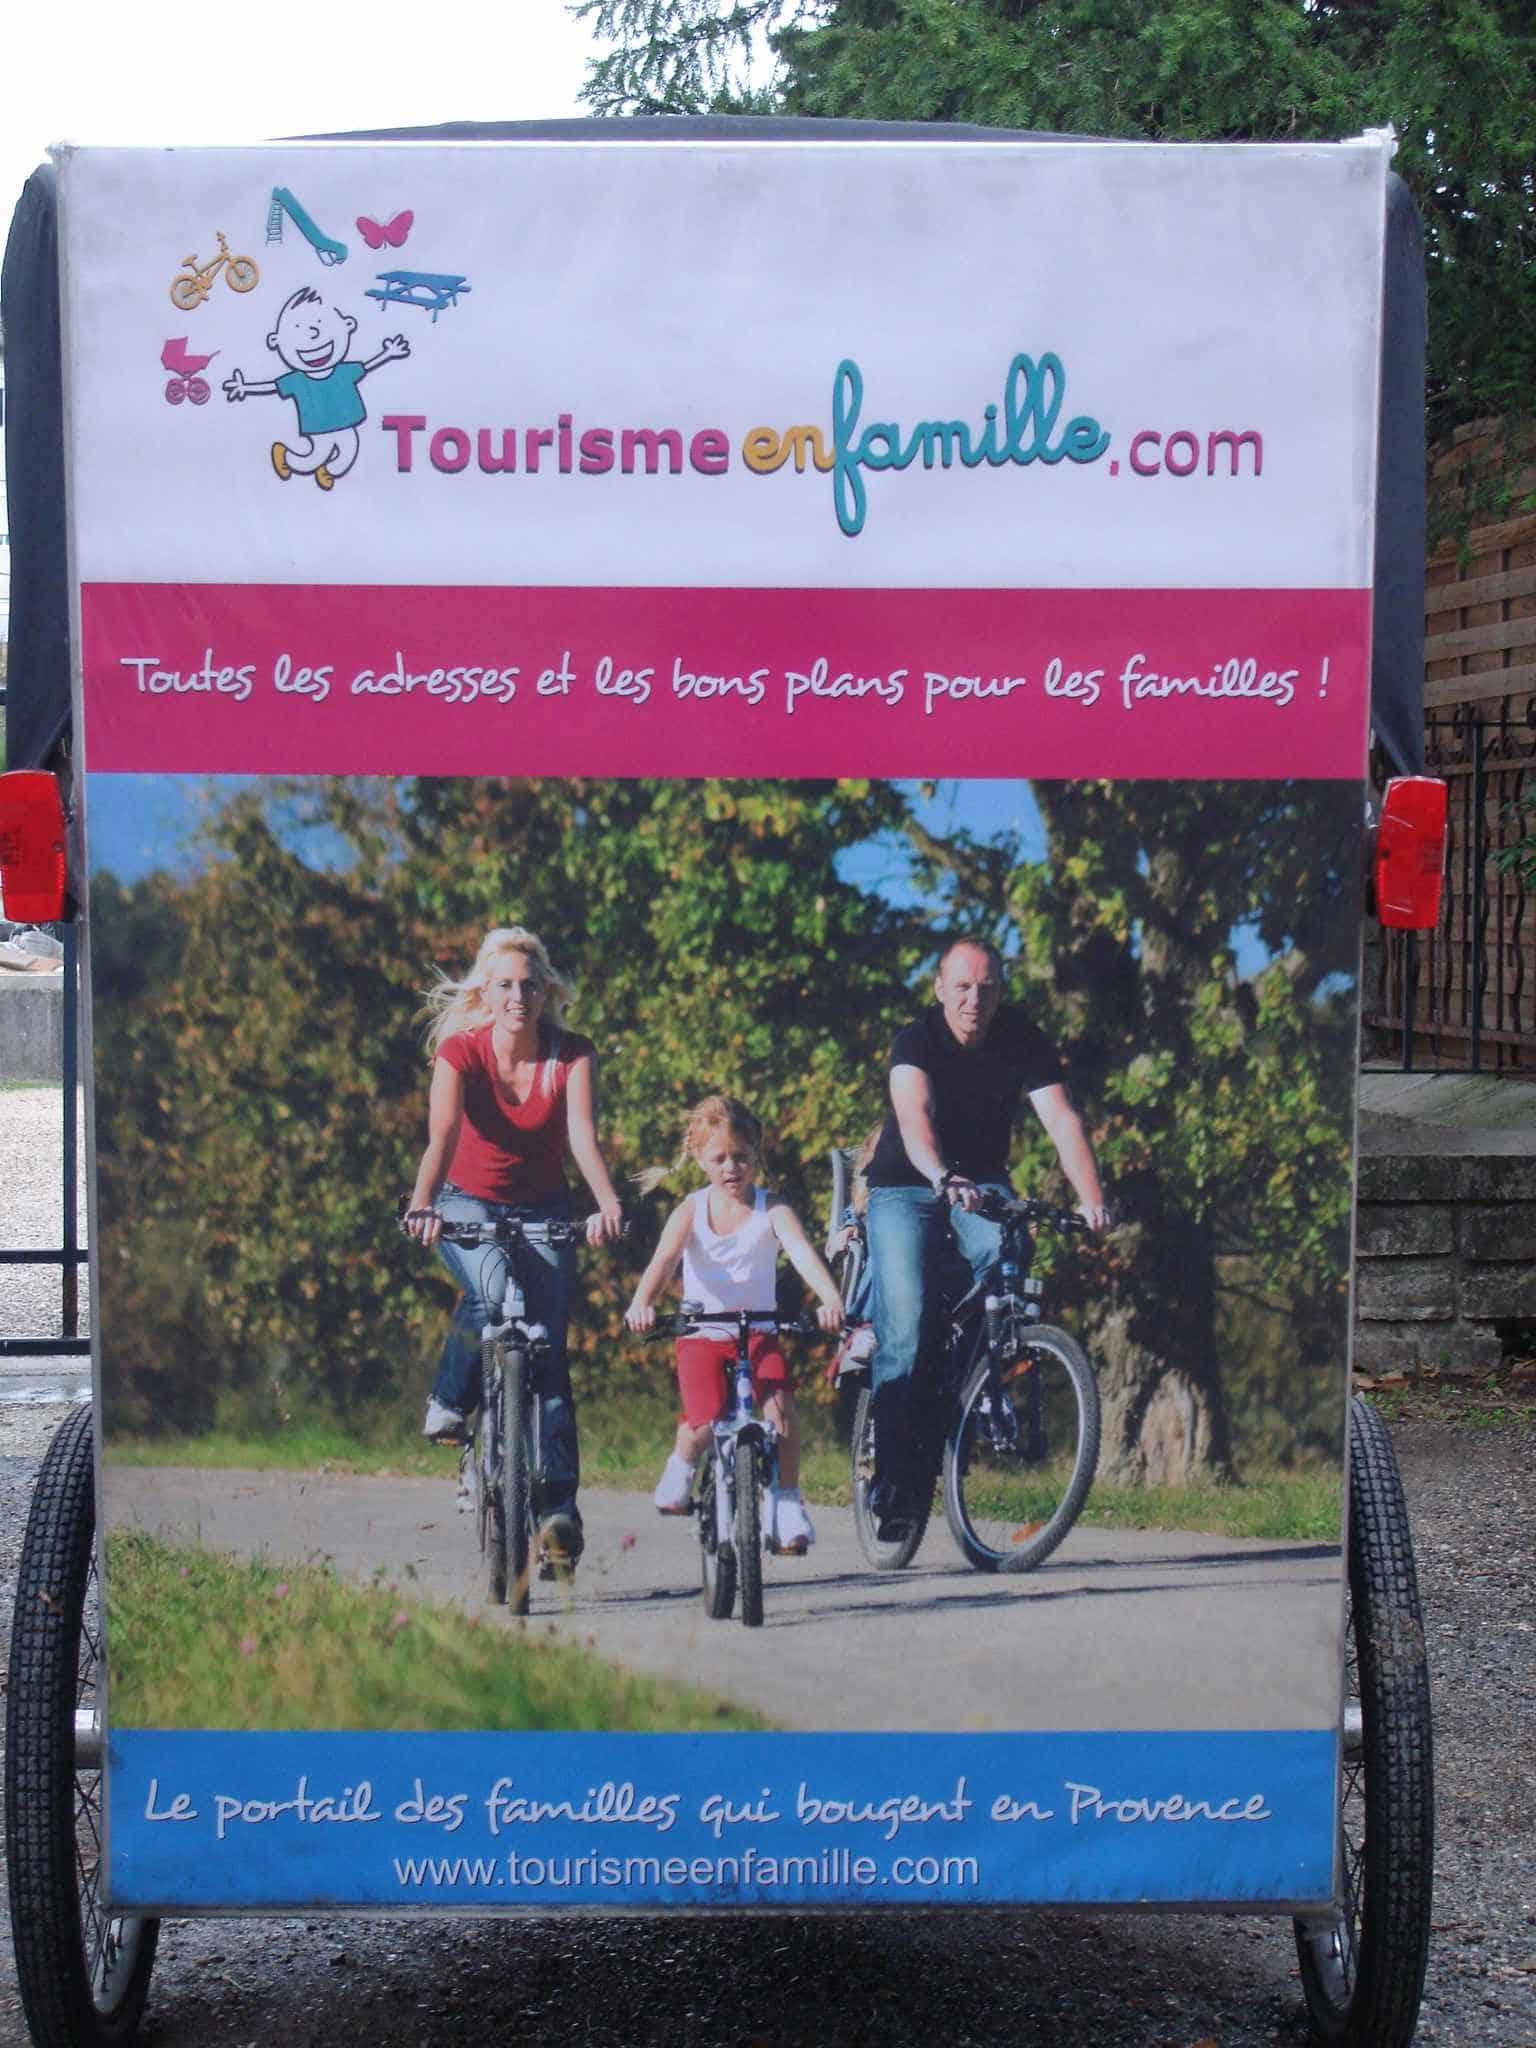 Tourisme en famille  s'associe à Taco and Co